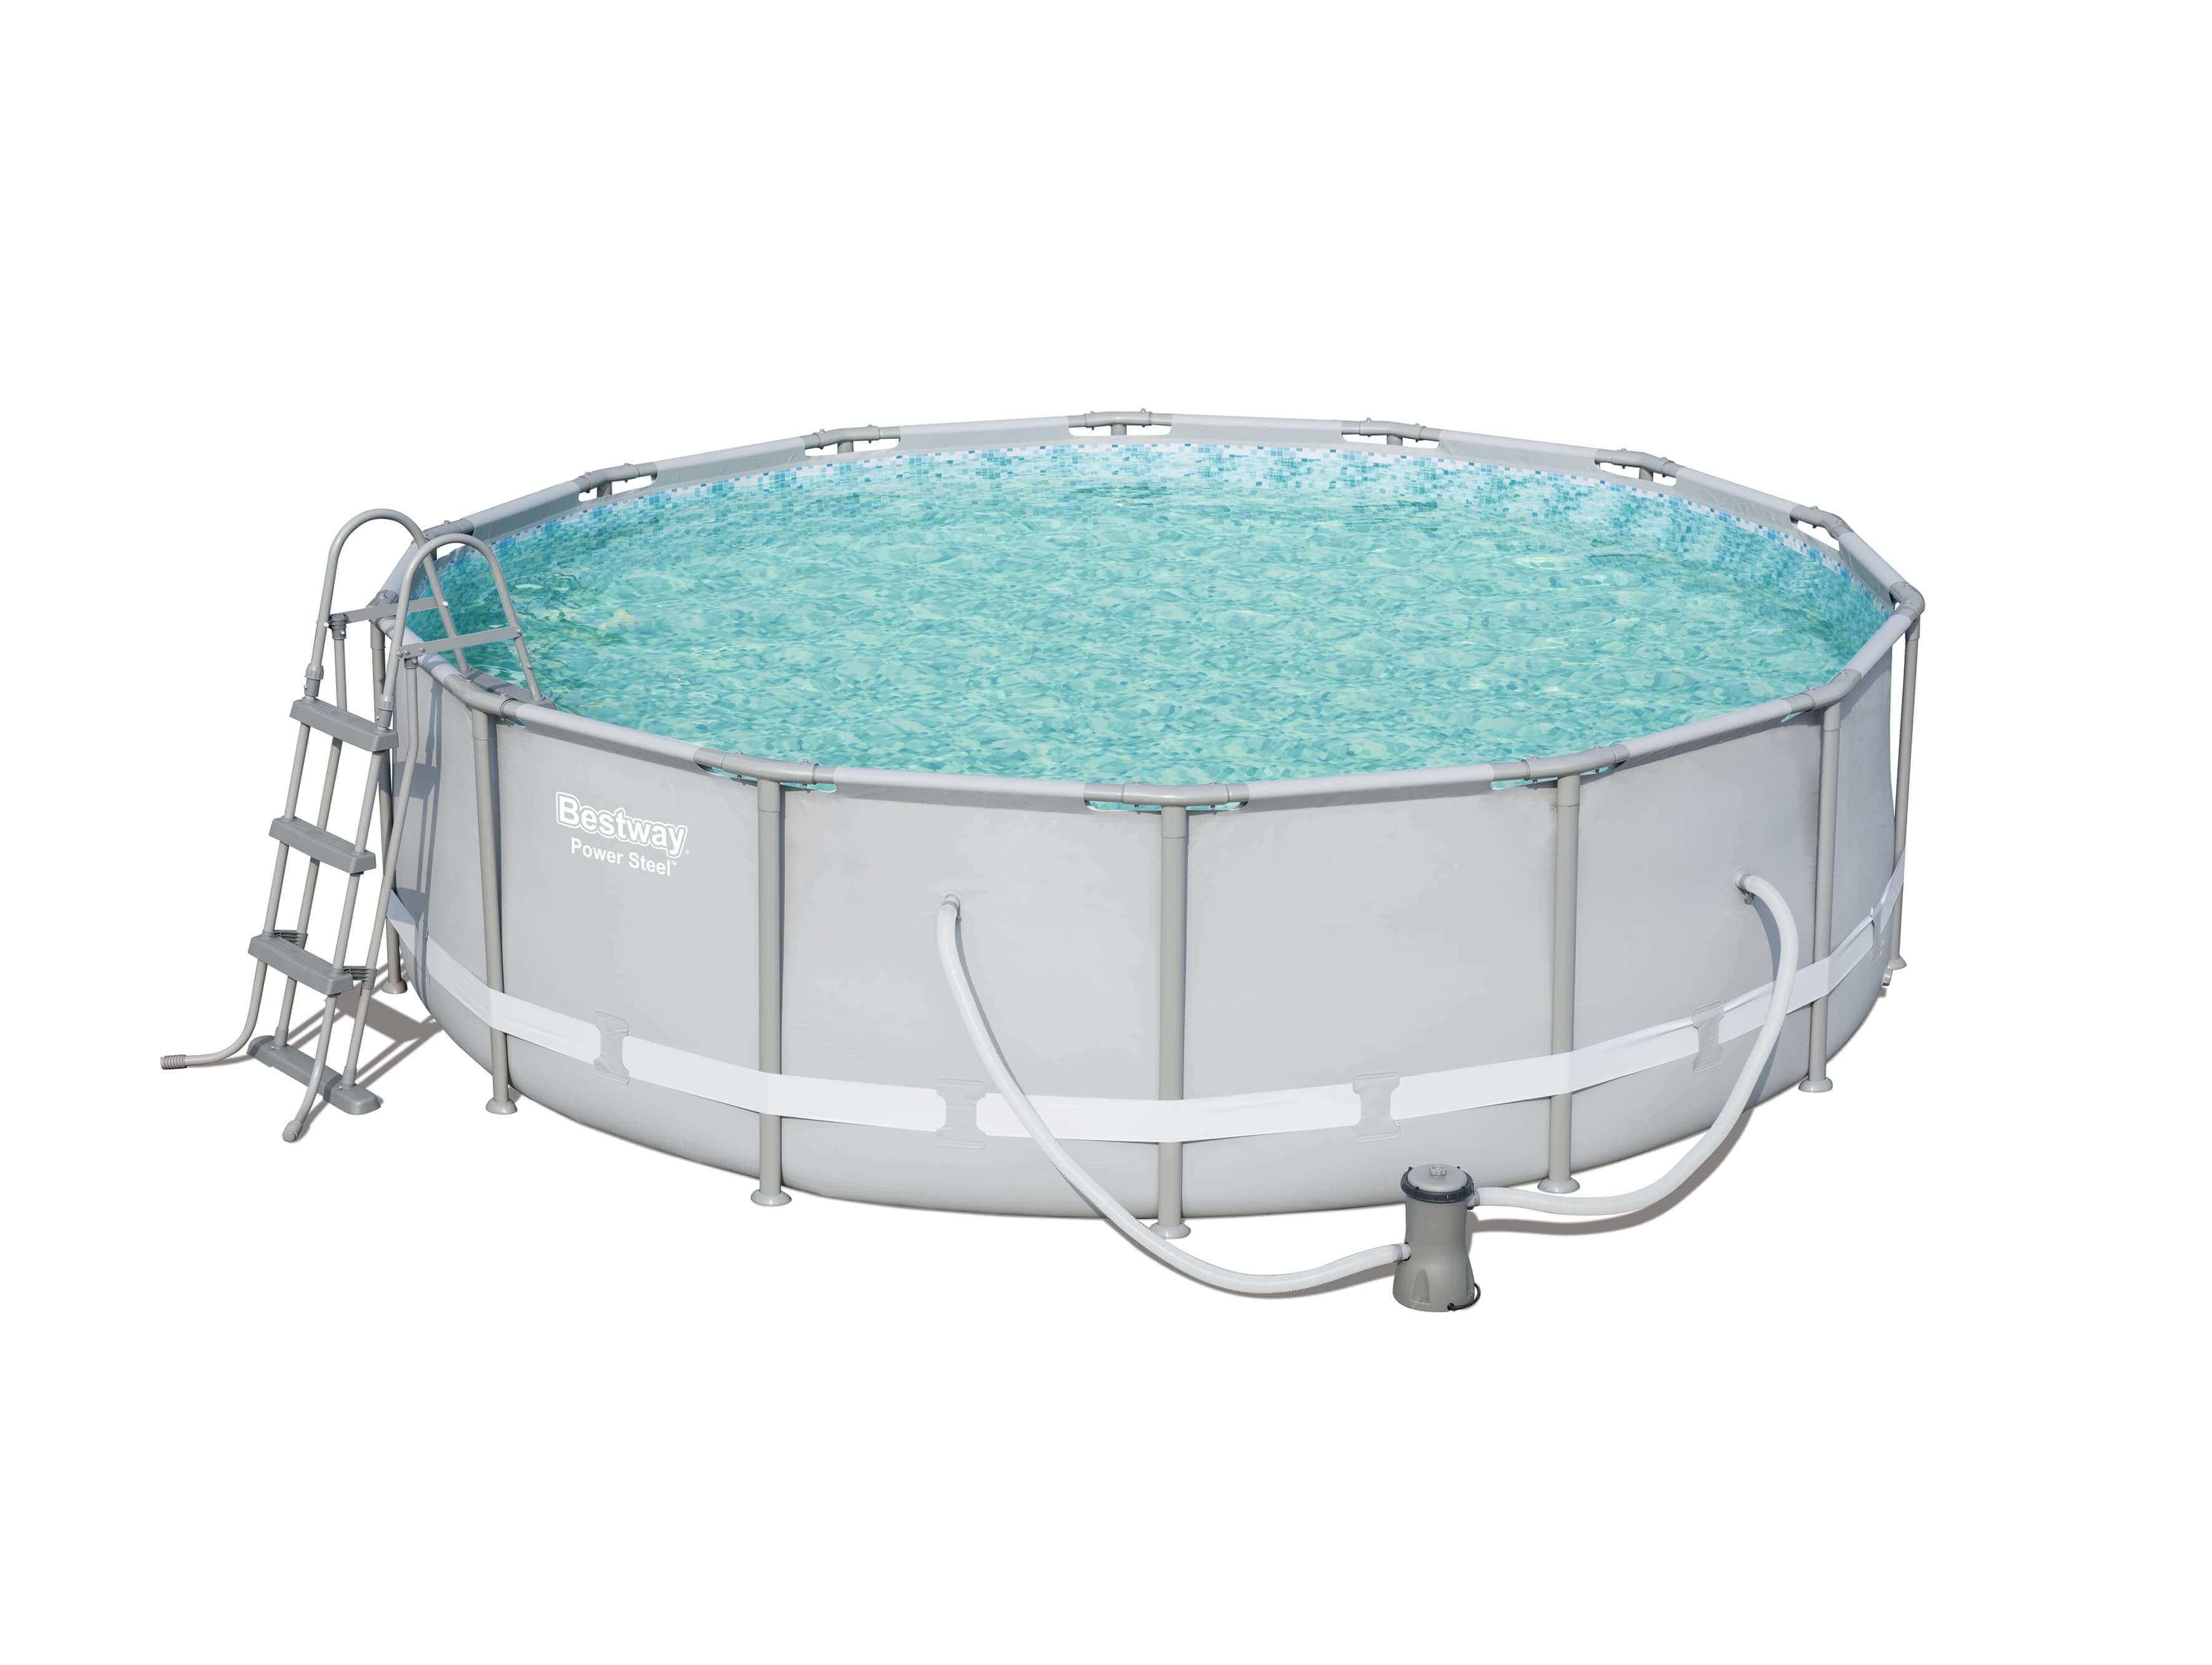 Eclairage Pour Piscine Tubulaire piscine tubulaire Ø427 x h107 cm - power steel